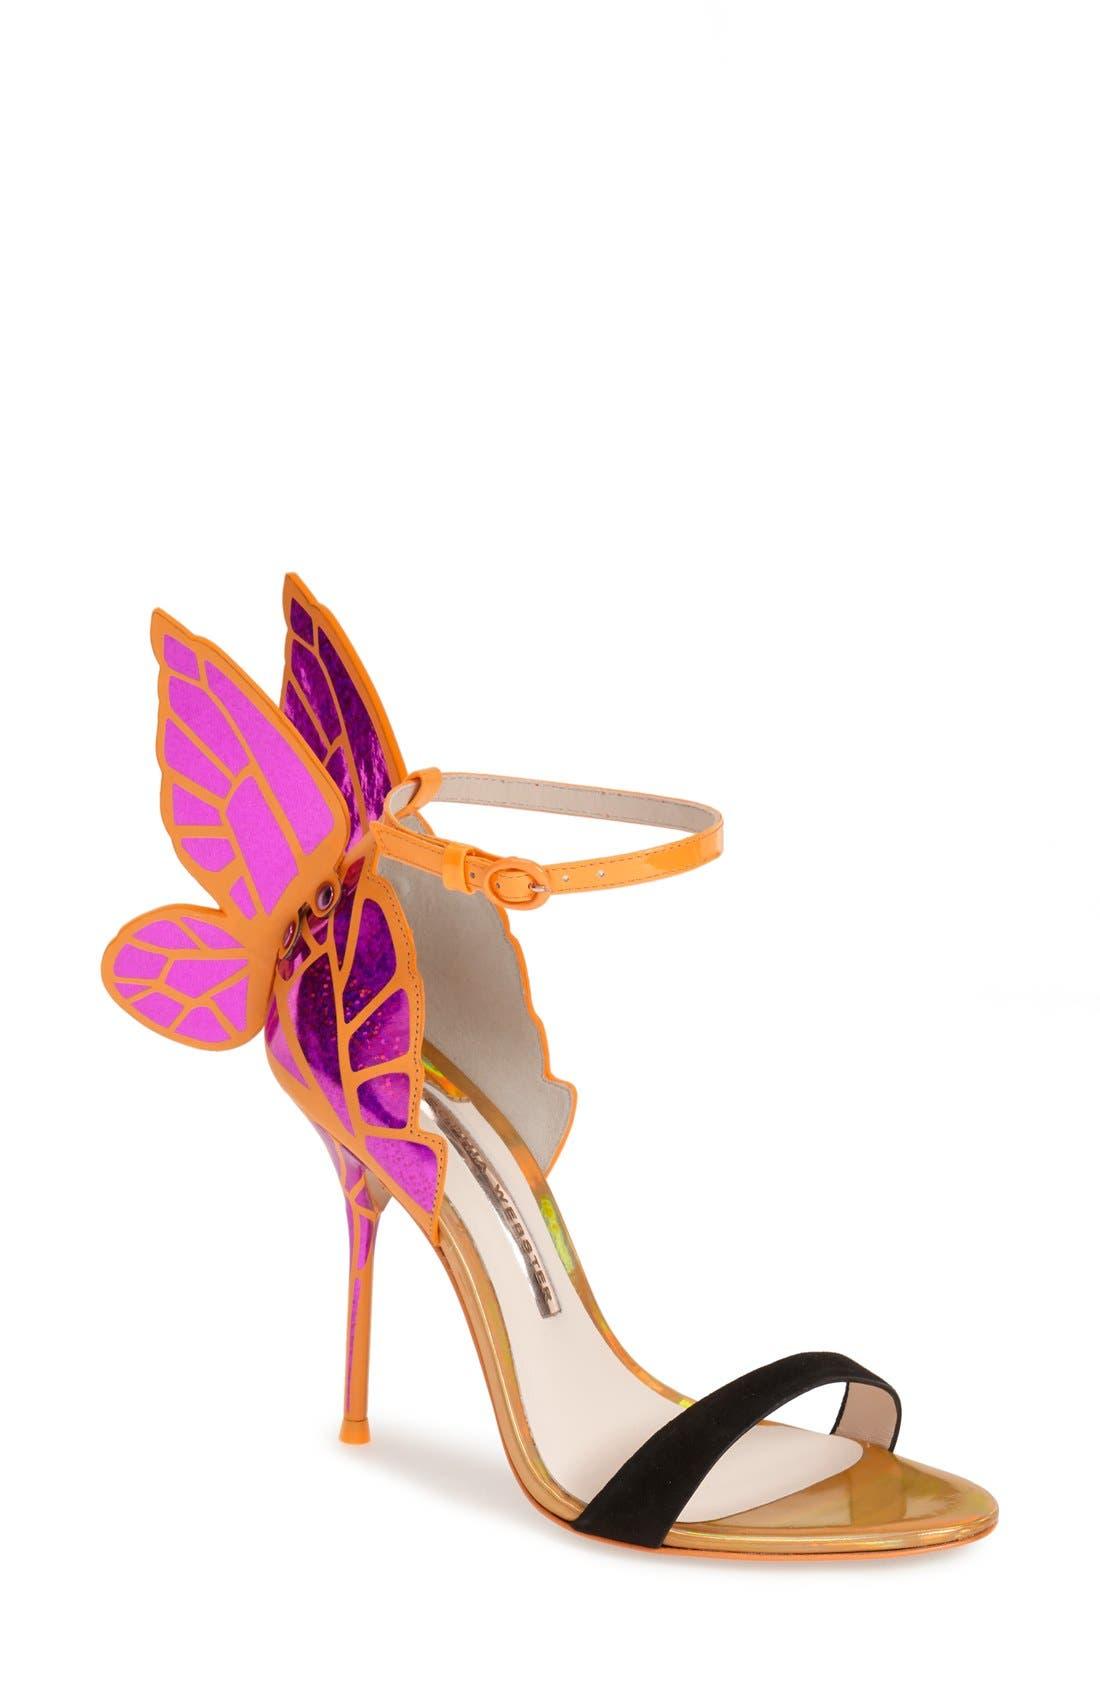 Alternate Image 1 Selected - Sophia Webster 'Chiara' Ankle Strap Sandal (Women)